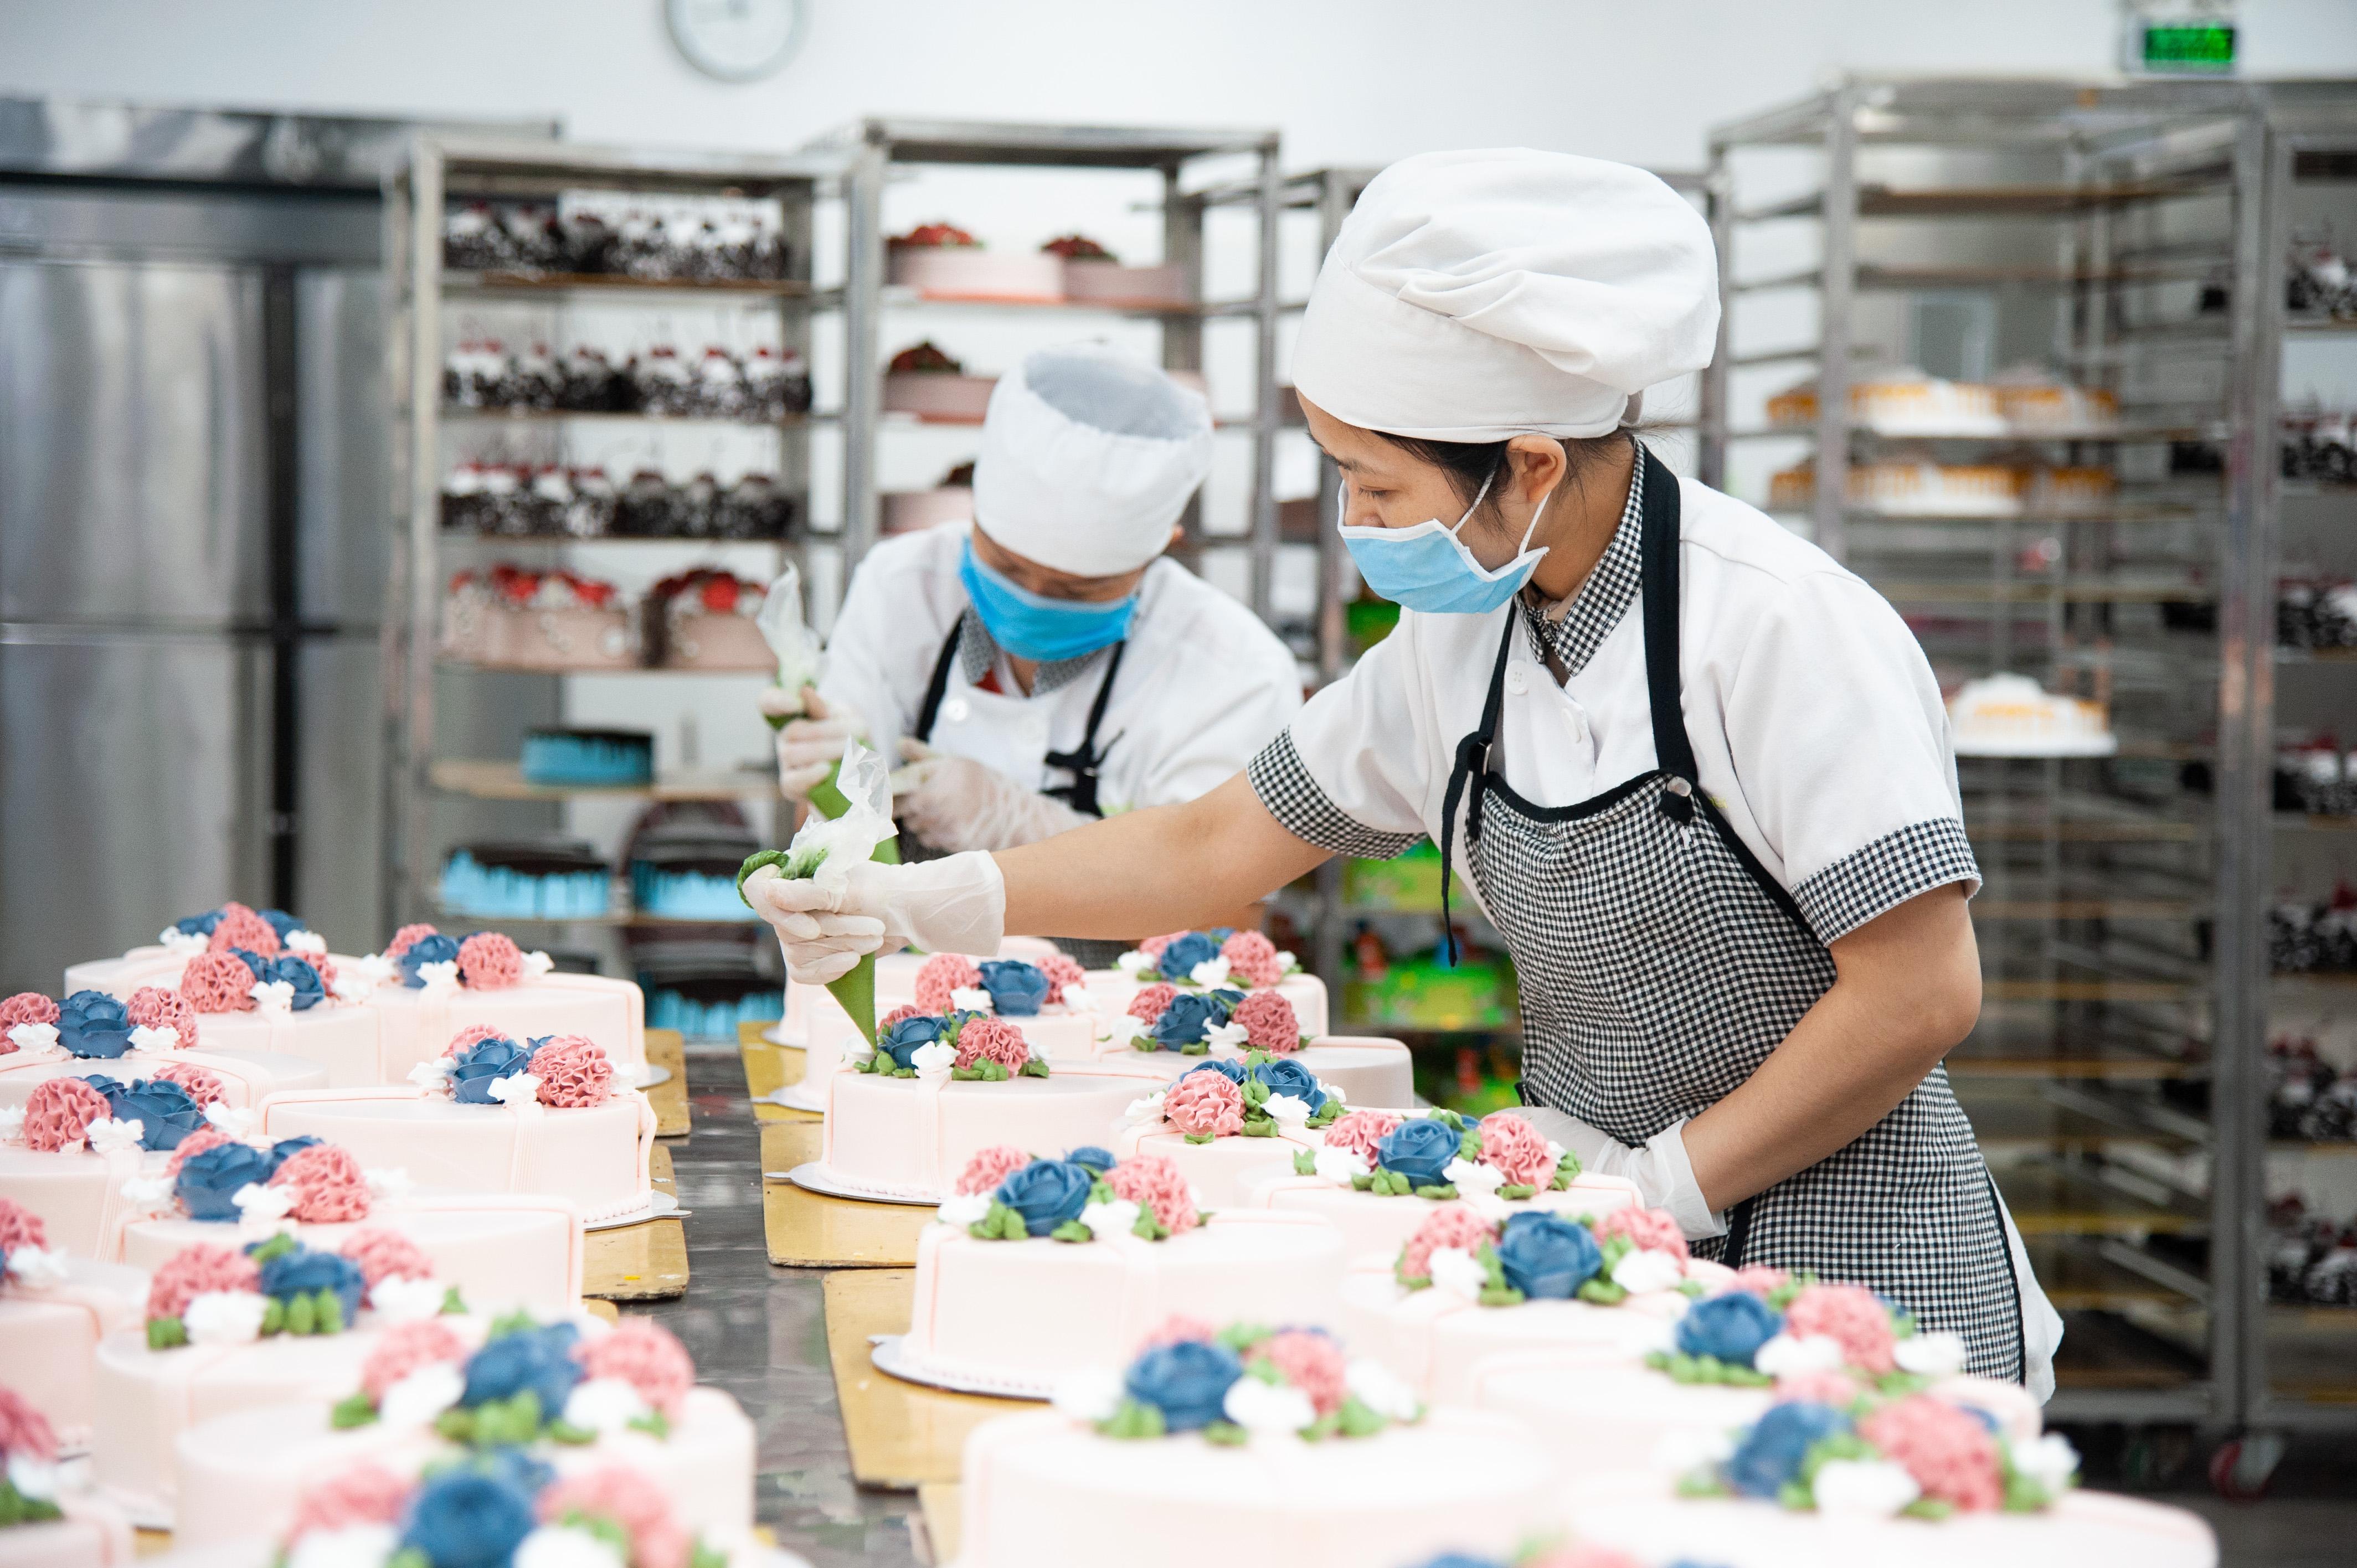 Chủ nhân bí ẩn của 60 cửa hàng Fresh Garden: Dân chứng khoán rẽ ngang vì mê bánh, 10 năm chưa chi một đồng cho Marketing - Ảnh 12.